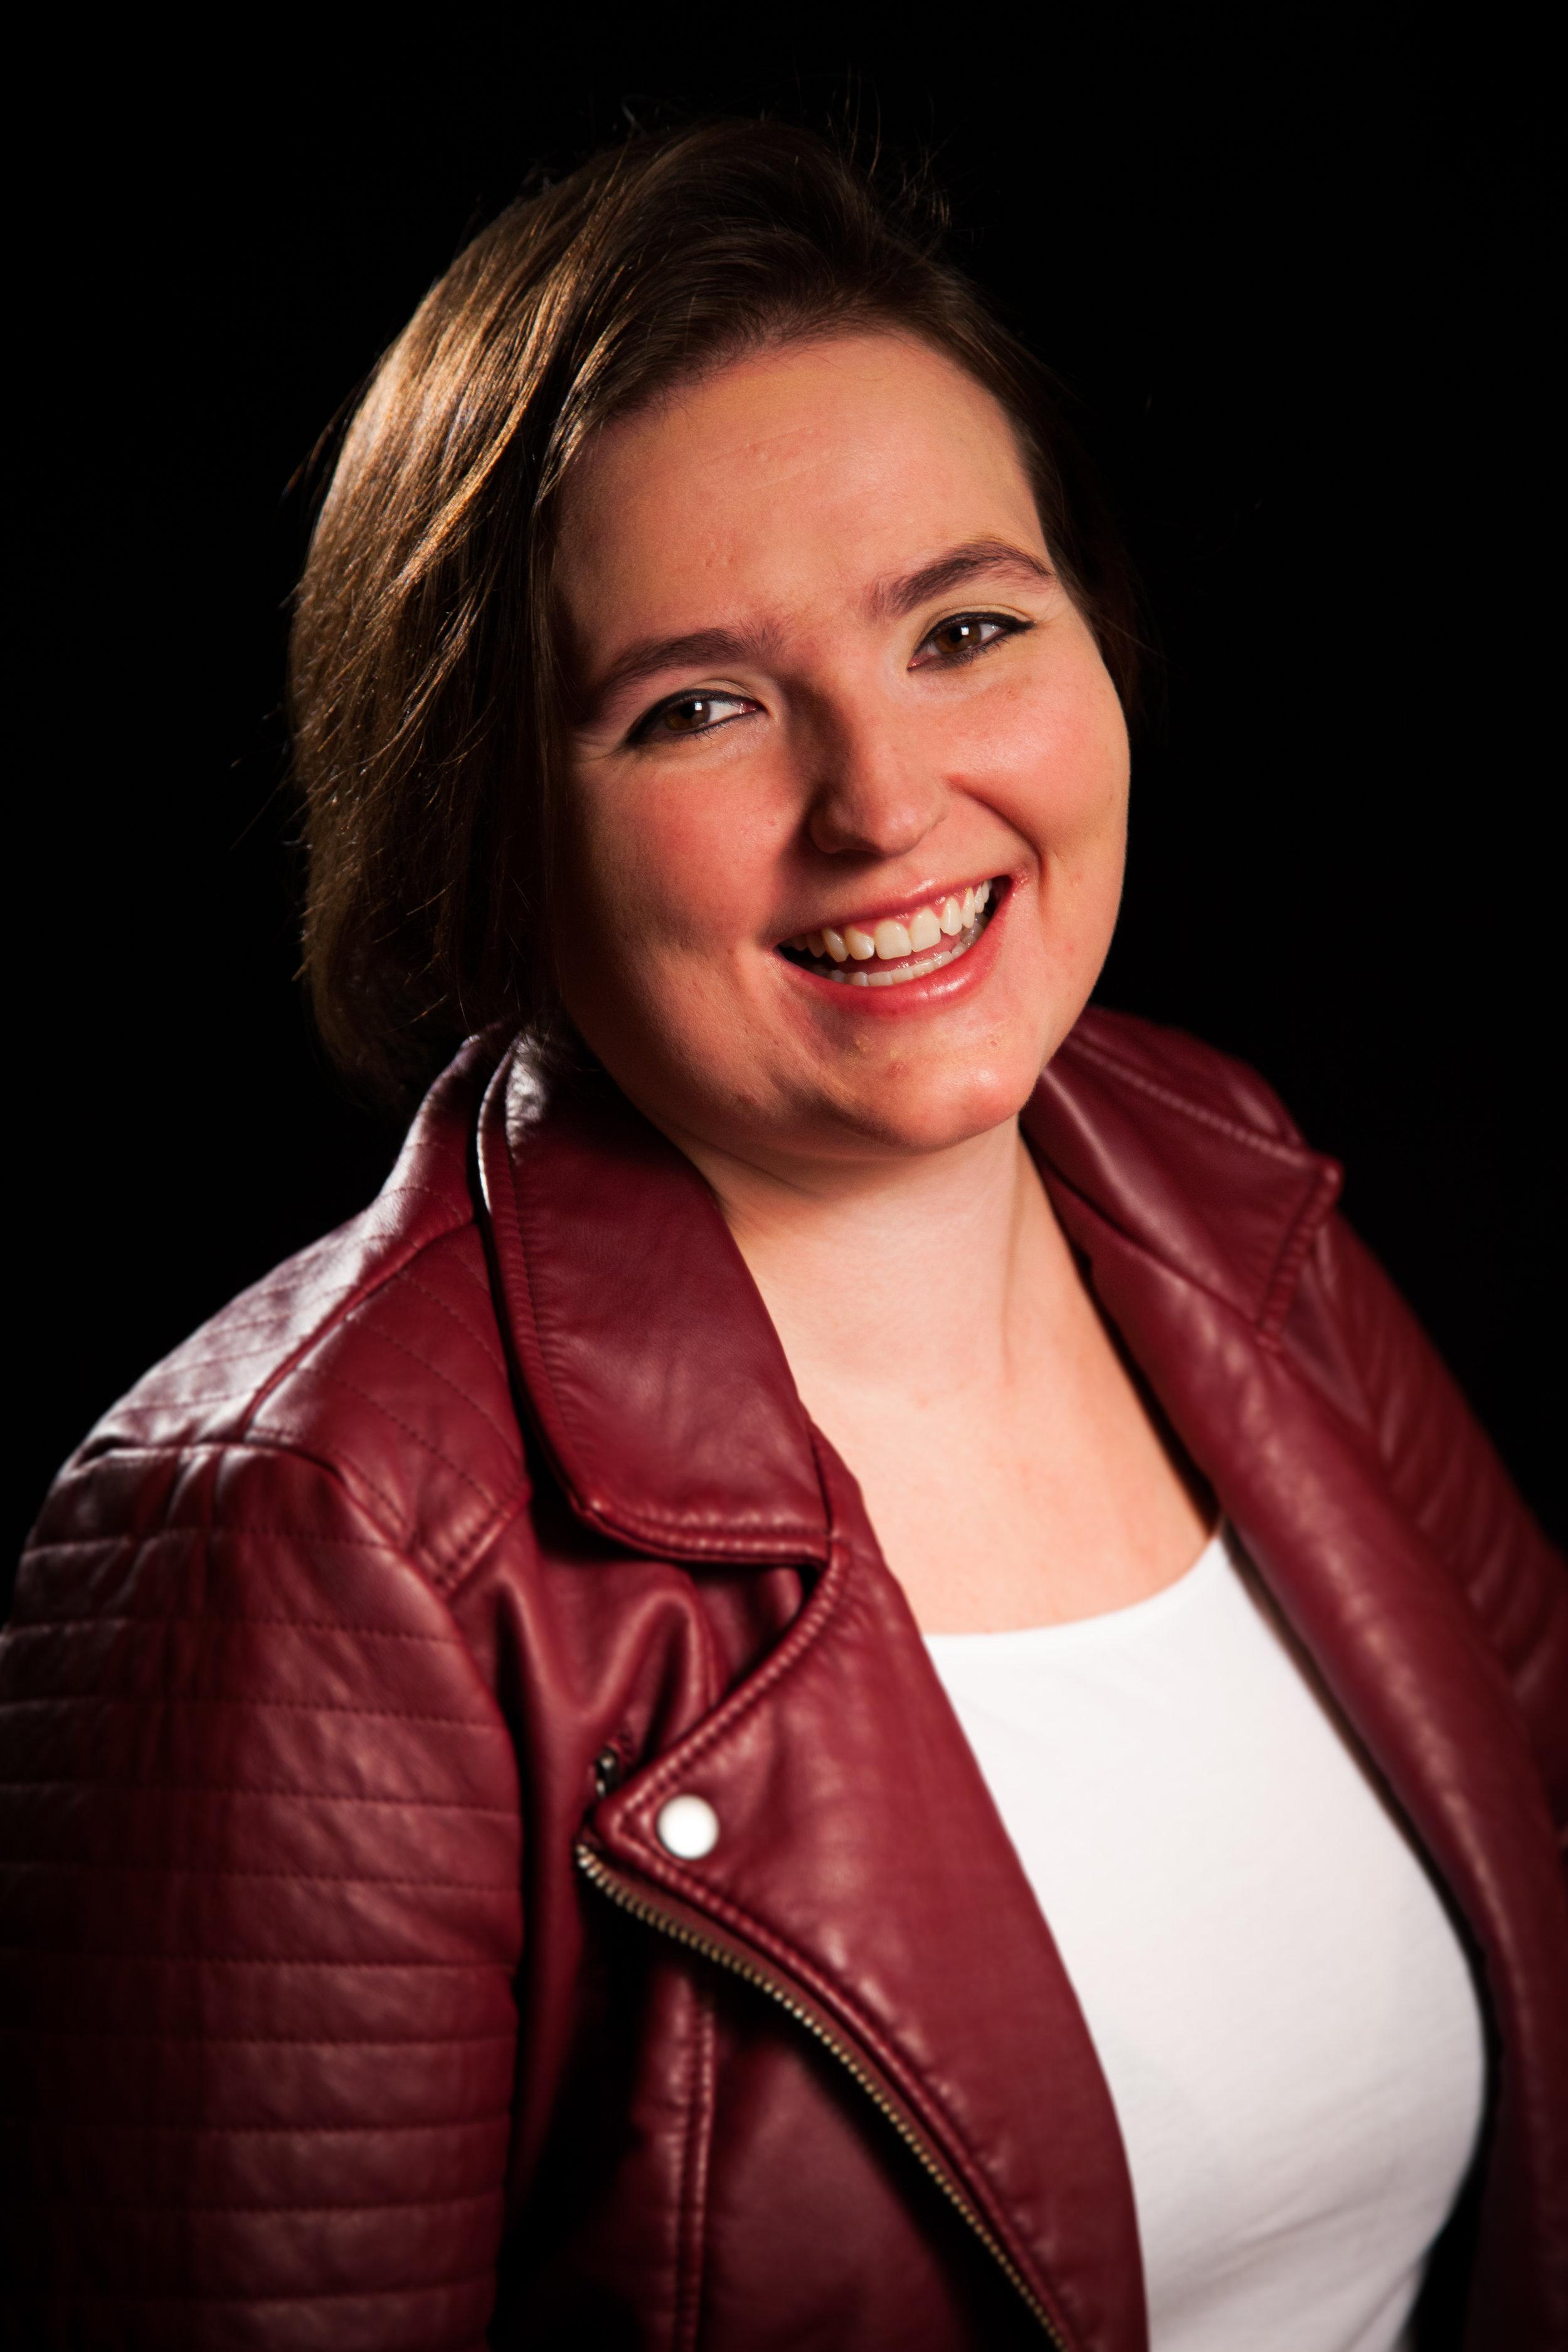 Amanda Averell